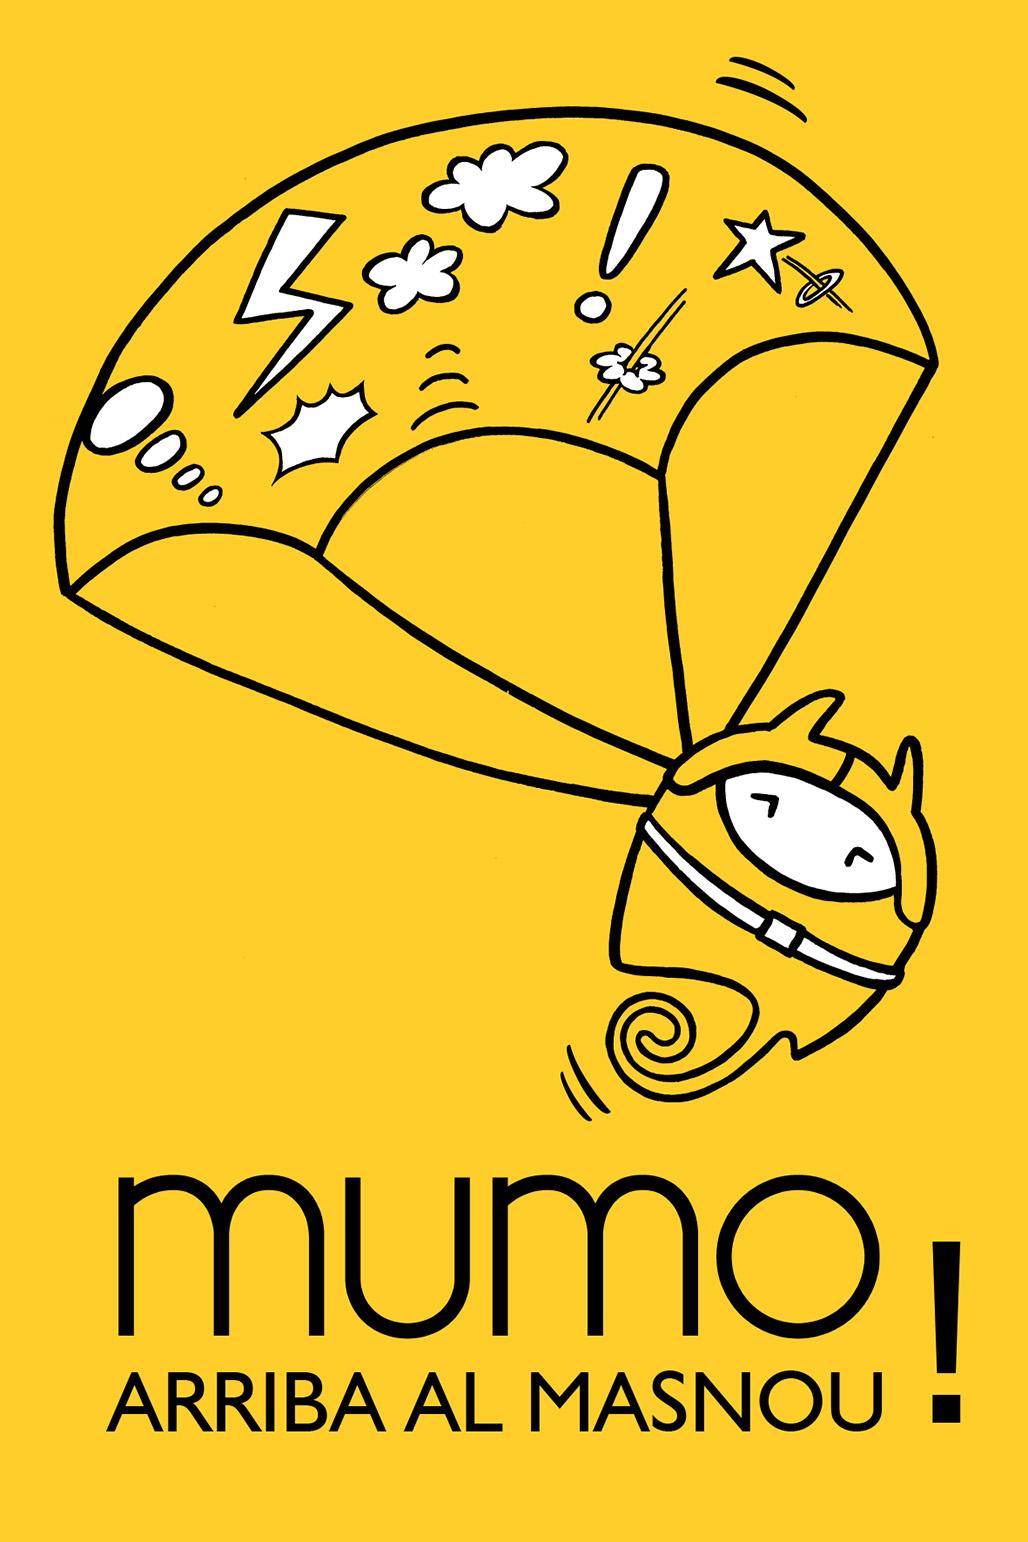 Posta inauguració mumokids. Botiga de roba infantil i complements